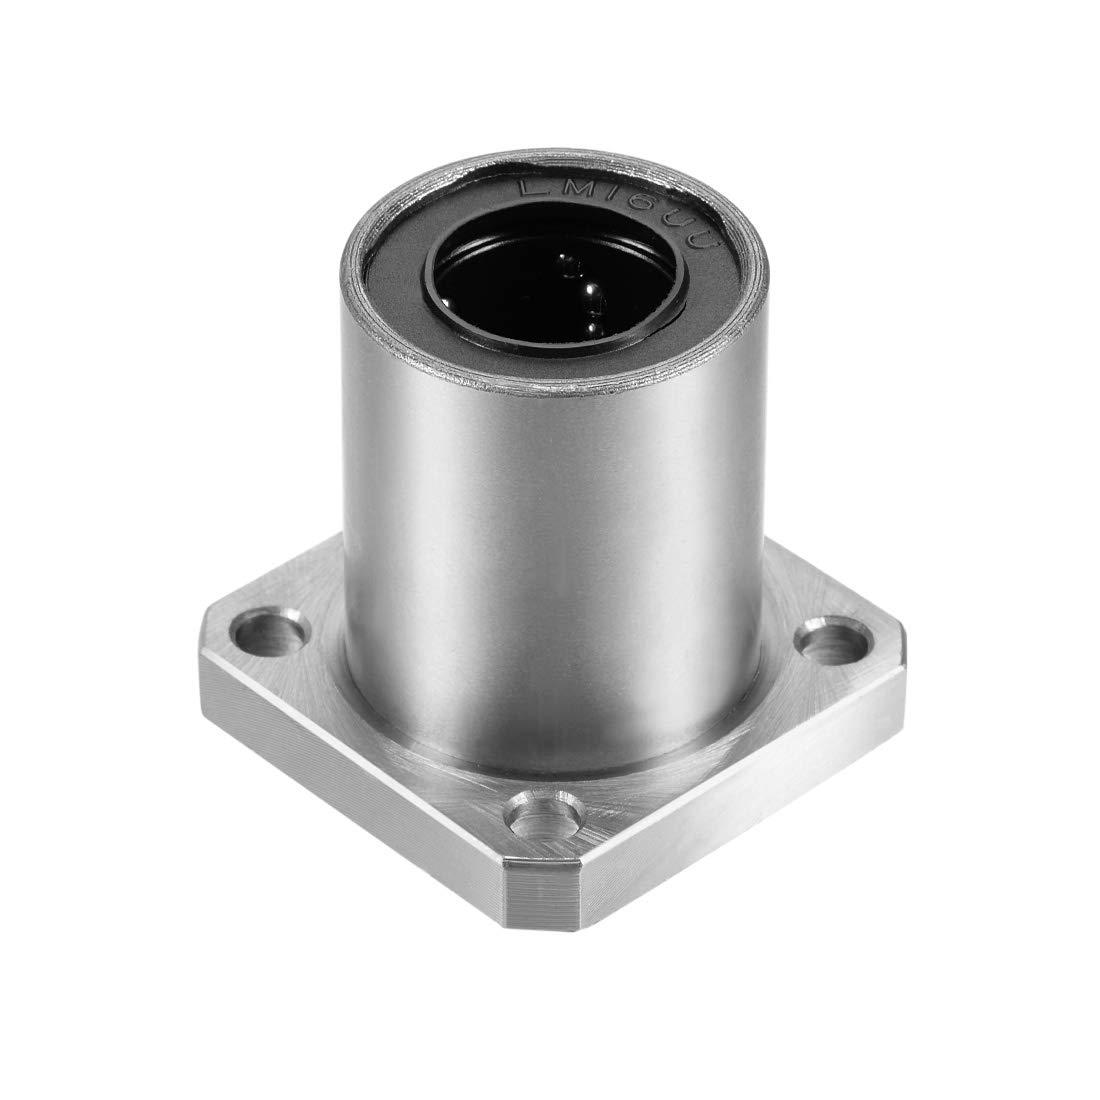 Rodamientos de bolas lineales para impresora 3D o CNC Sourcingmap LMKUU 1Qty LMK16UU